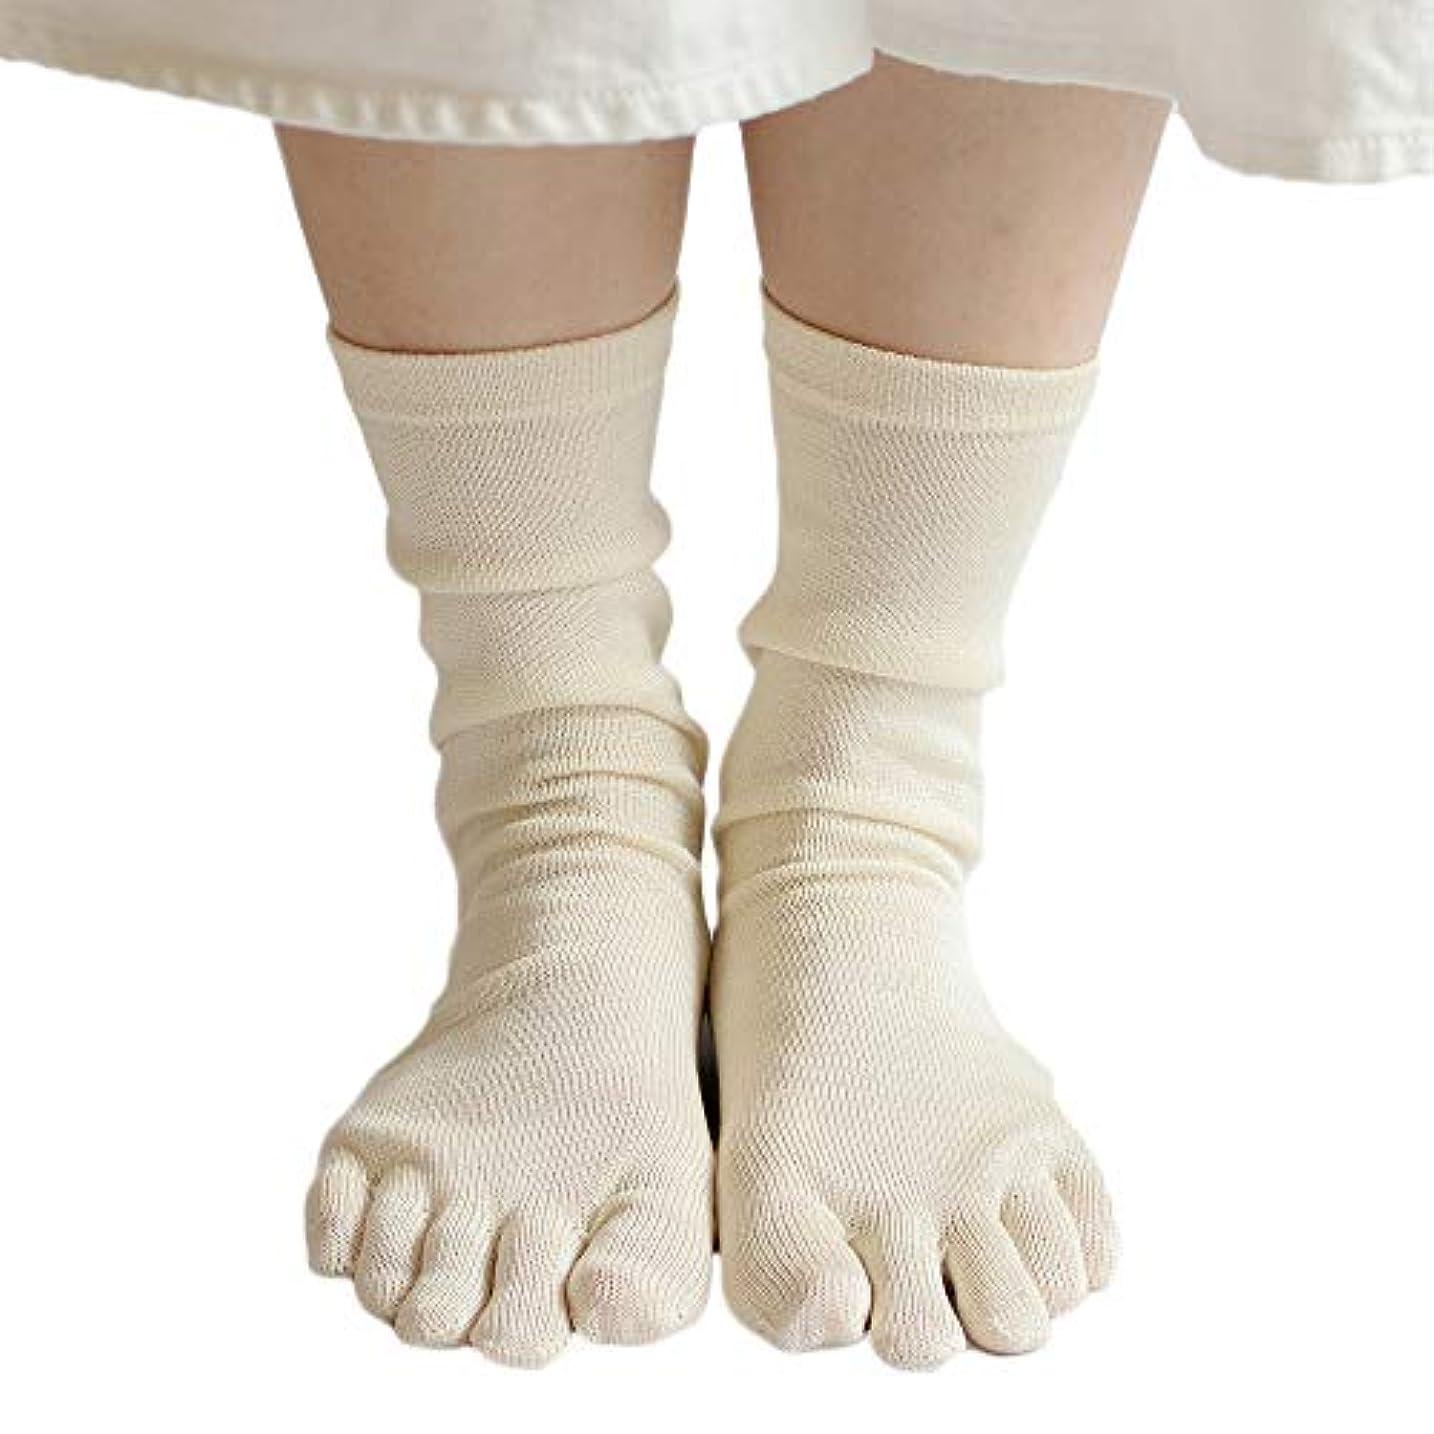 不安踏みつけメールを書くタイシルク 100% 五本指 ソックス 3足セット かかとあり 上質なシルクを100%使用した薄手靴下 重ね履きのインナーソックスや冷えとりに